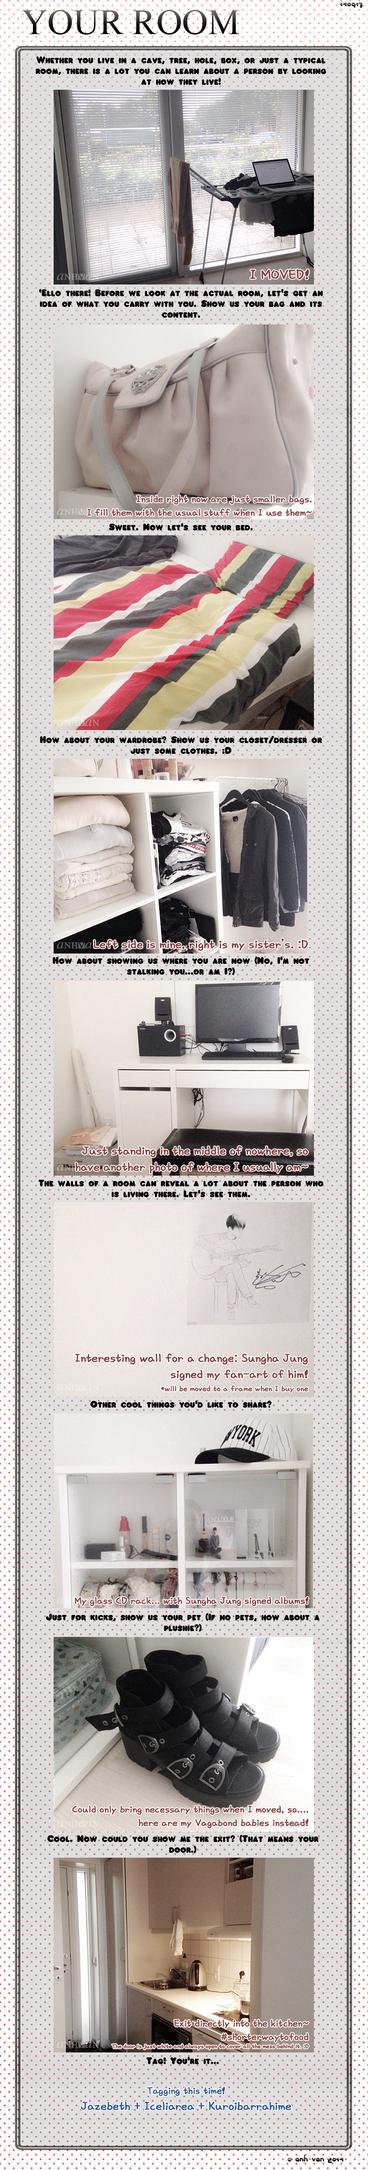 My Room 2 - meme by anhvan44